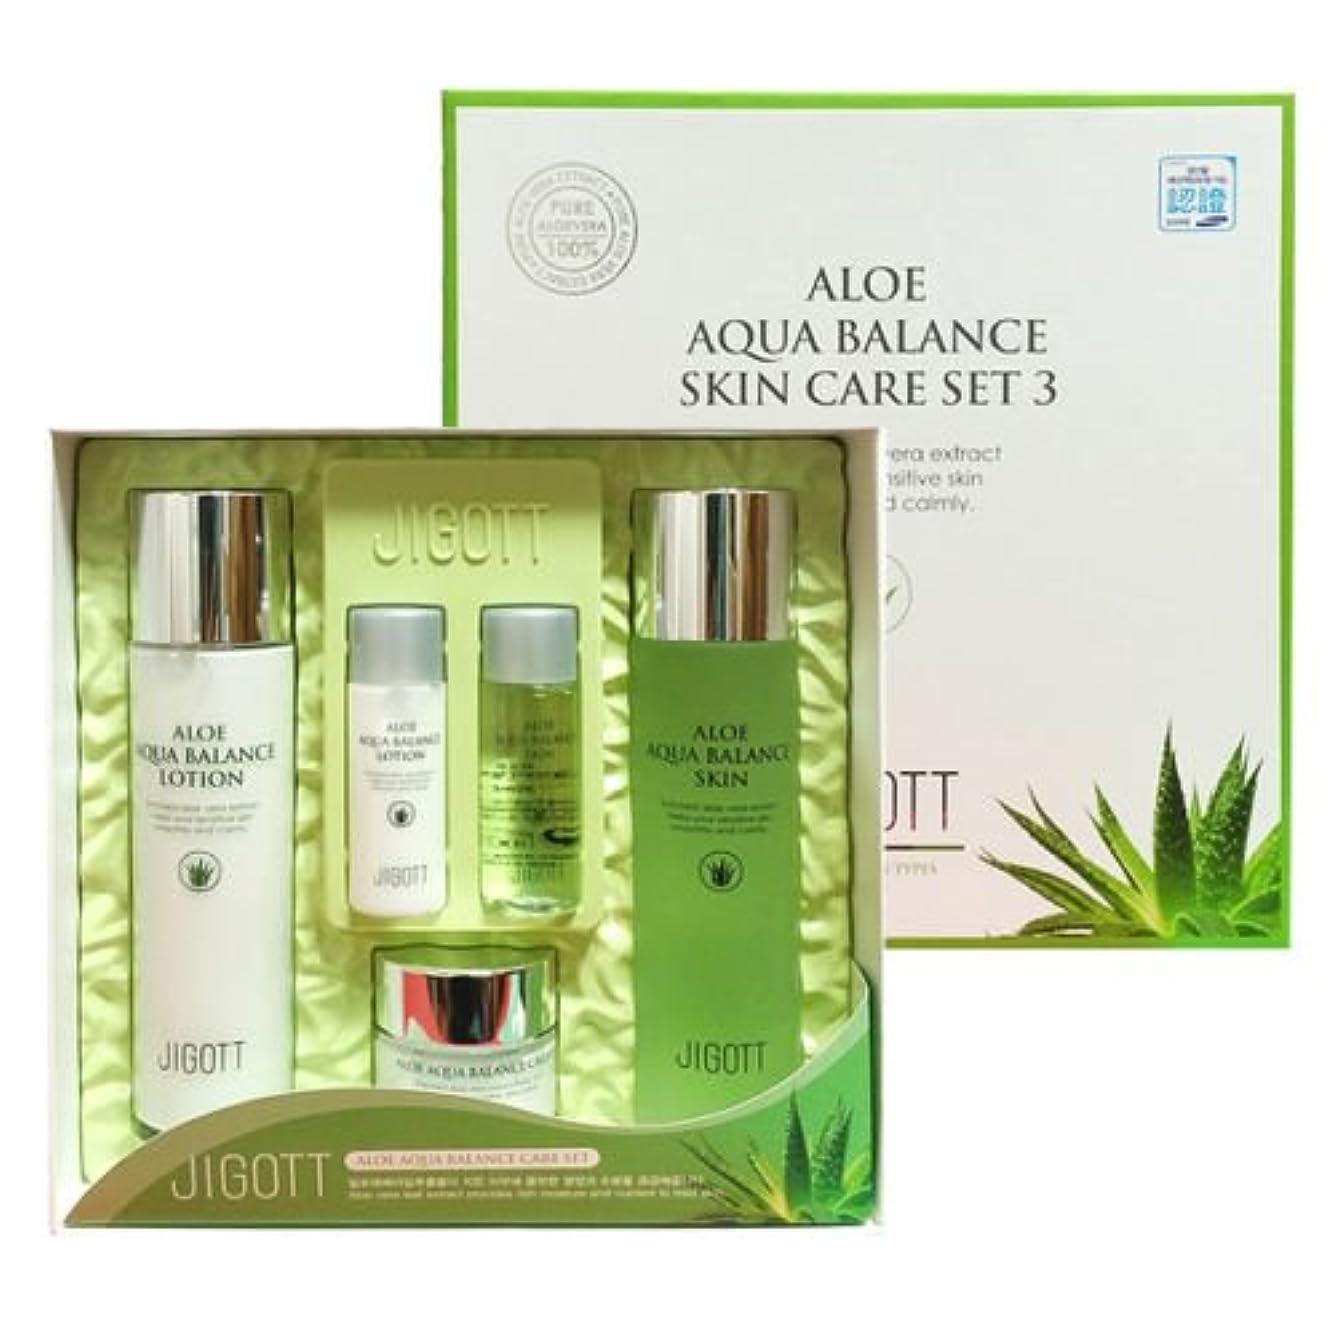 備品プレーヤー憎しみジゴトゥ[韓国コスメJigott]Aloe Aqua Balance Skin Care 3 Set アロエアクアバランススキンケア3セット樹液,乳液,クリーム [並行輸入品]